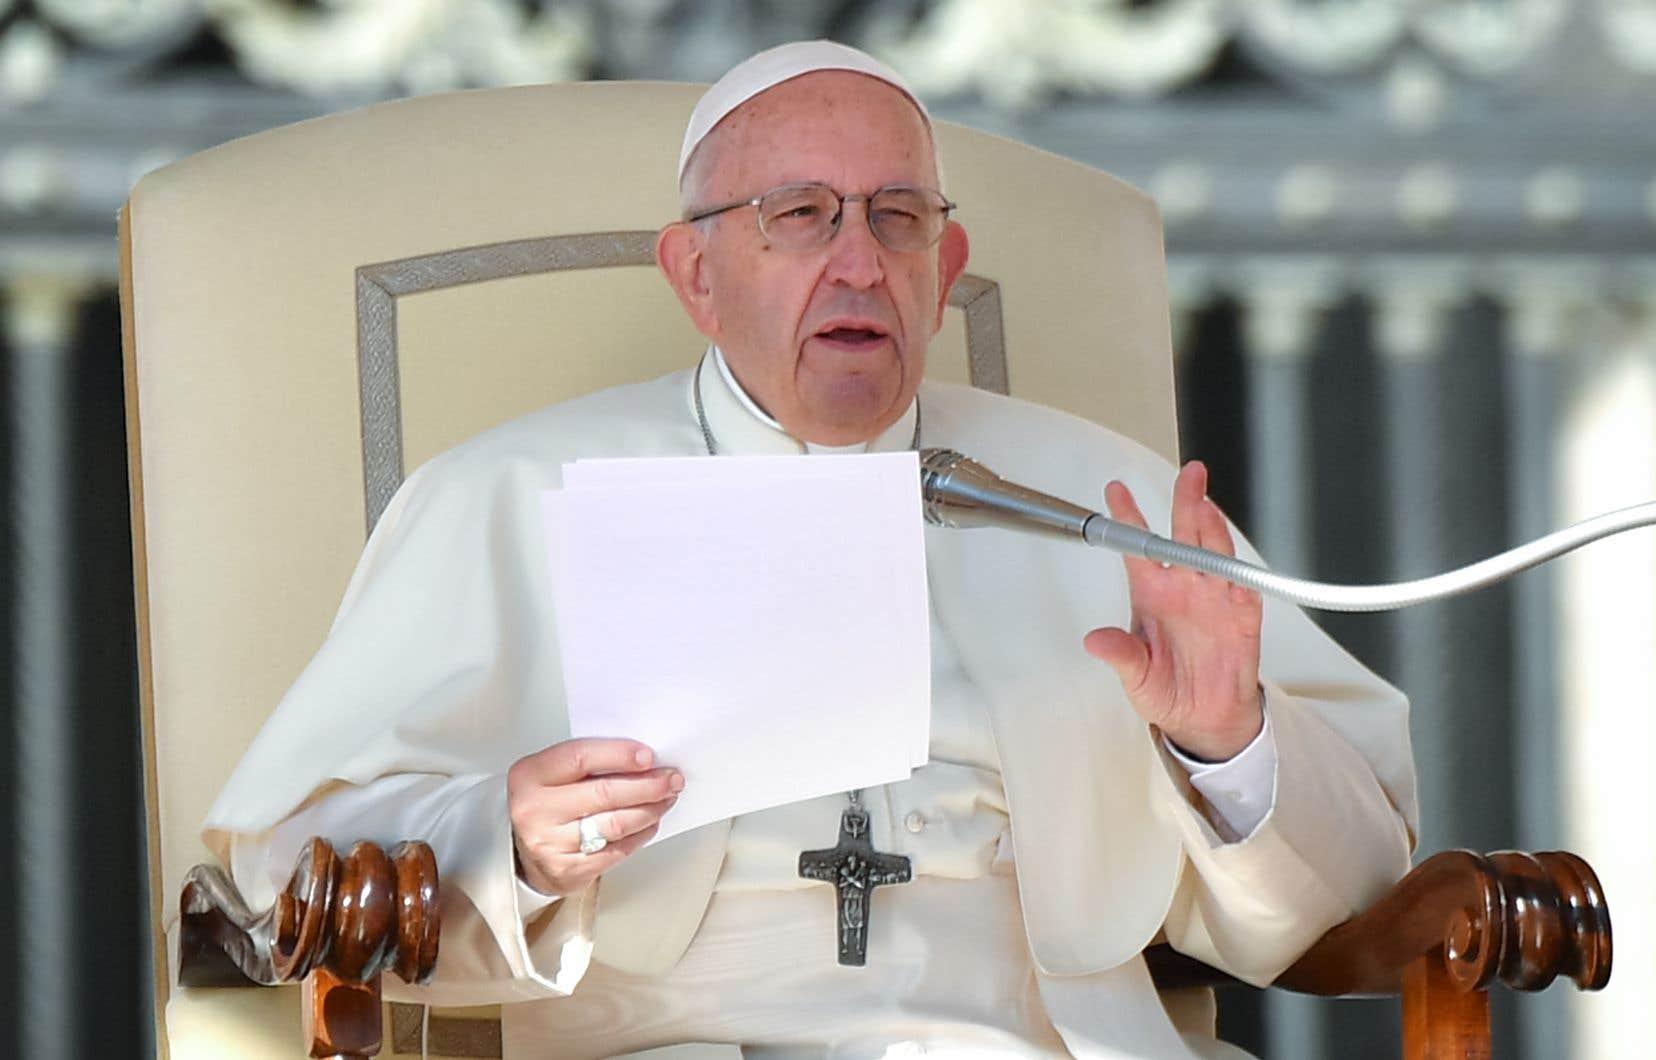 Mercredi,le pape François a assimilé l'avortement au recours à «un tueur à gages pour résoudre un problème».